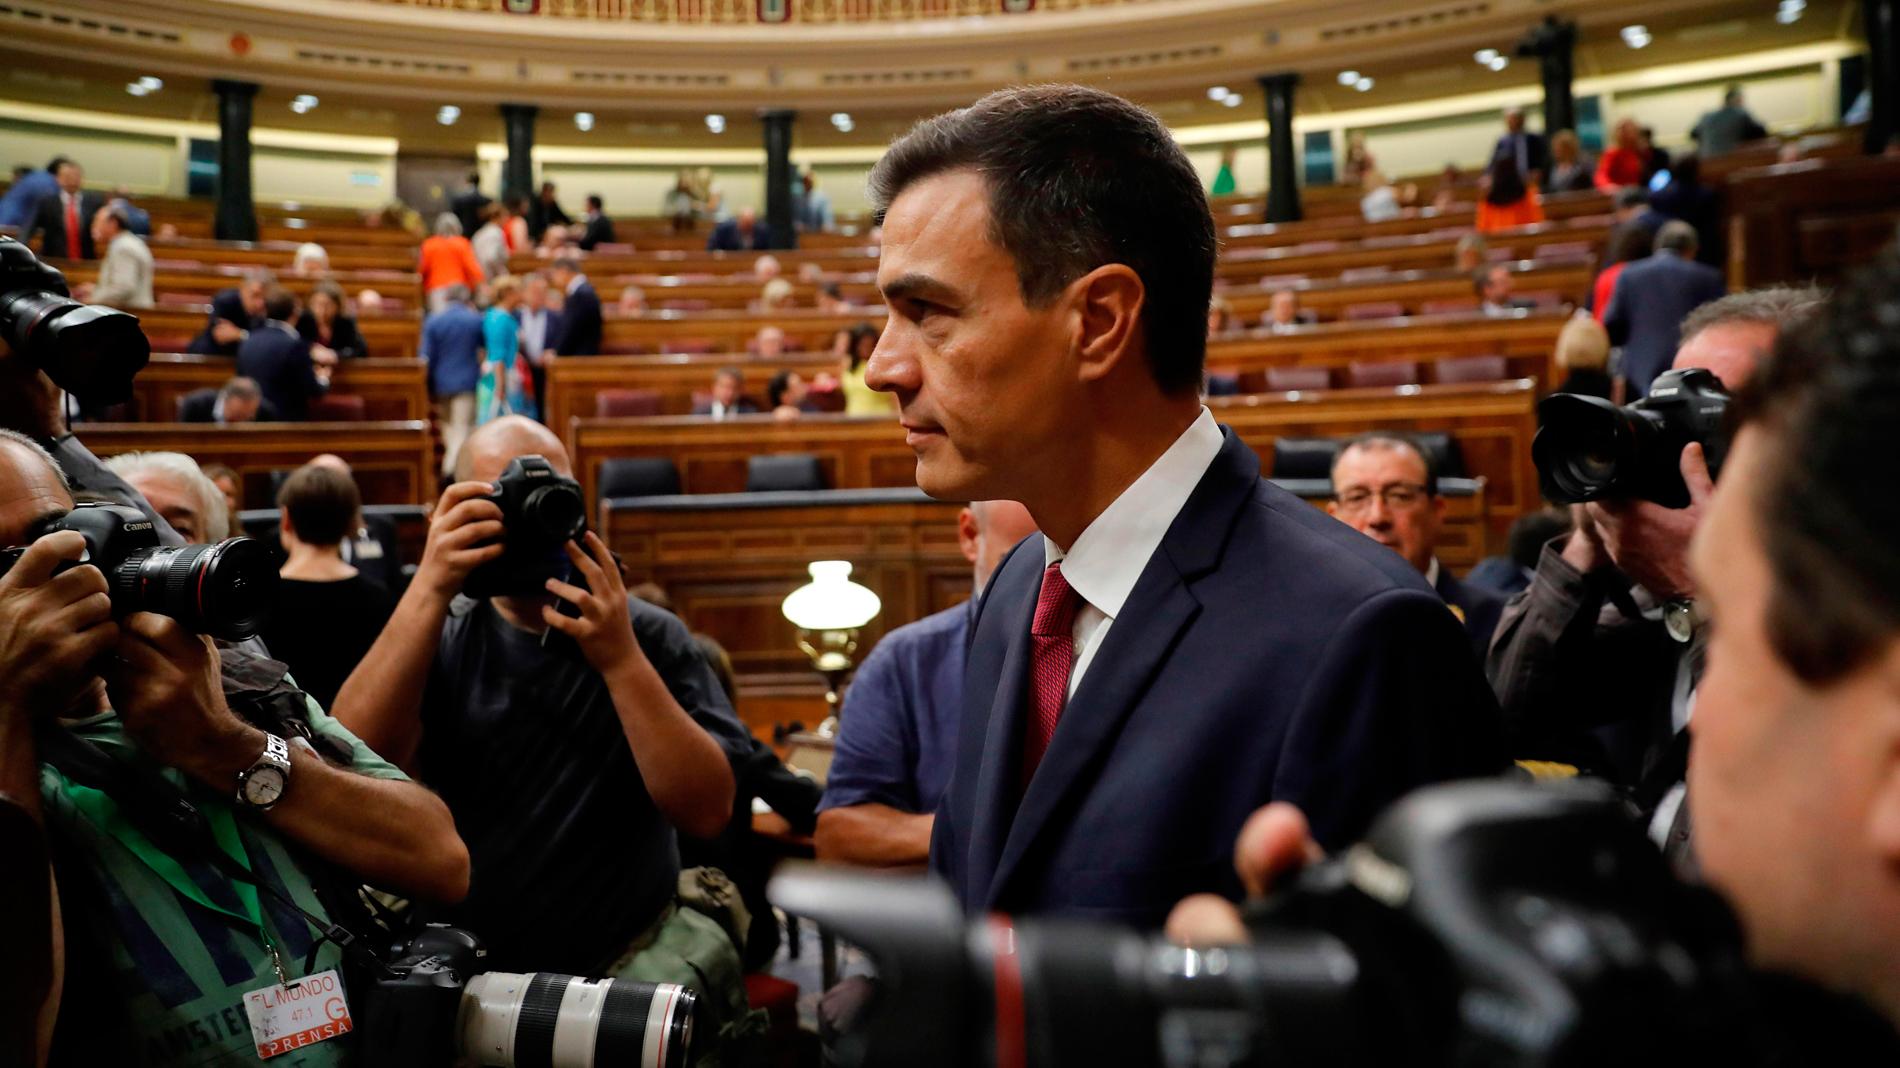 Rivera duda de la tesis doctoral de Sánchez tras la dimisión de Montón